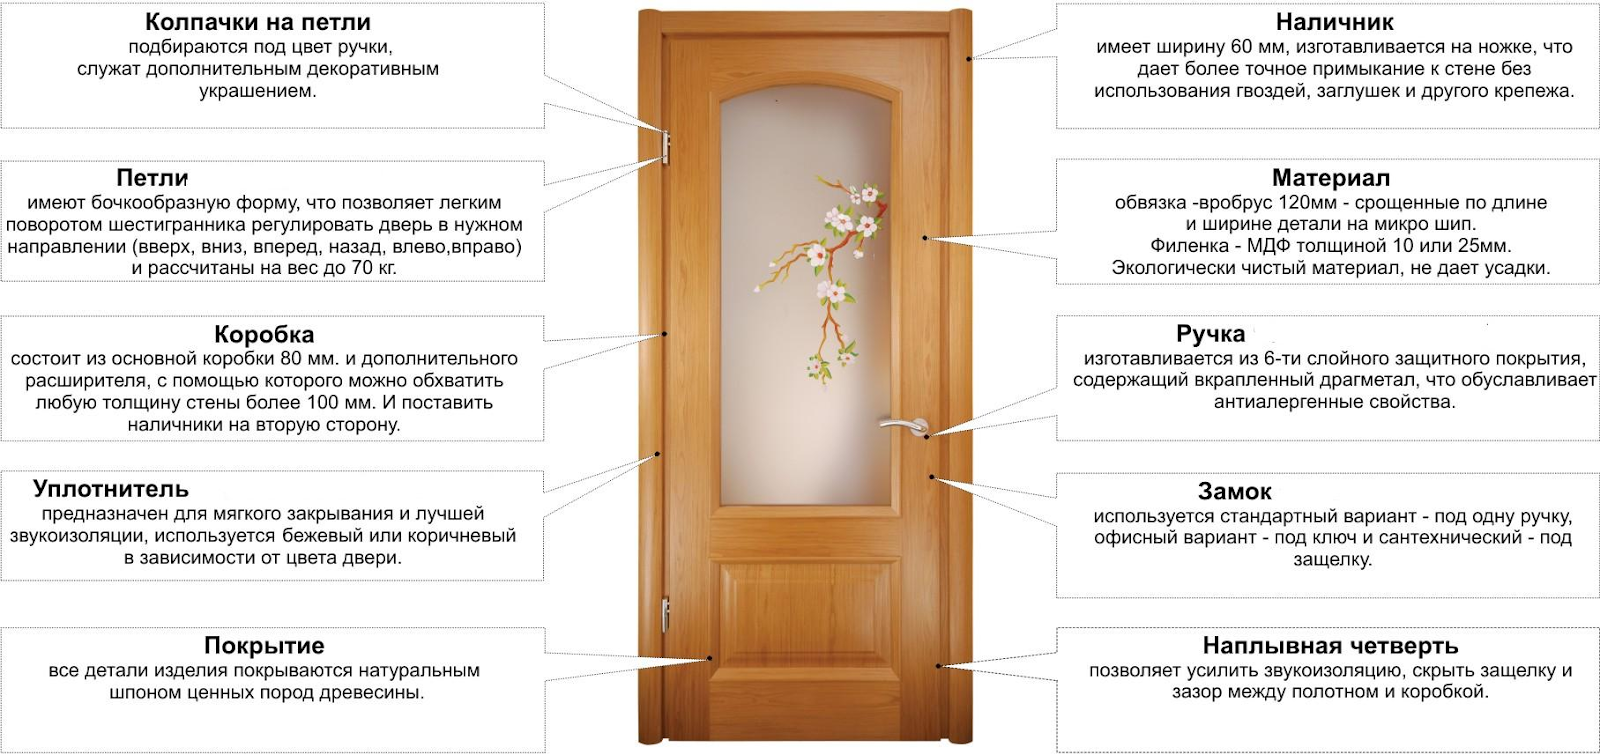 Що потрібно знати про міжкімнатні двері?